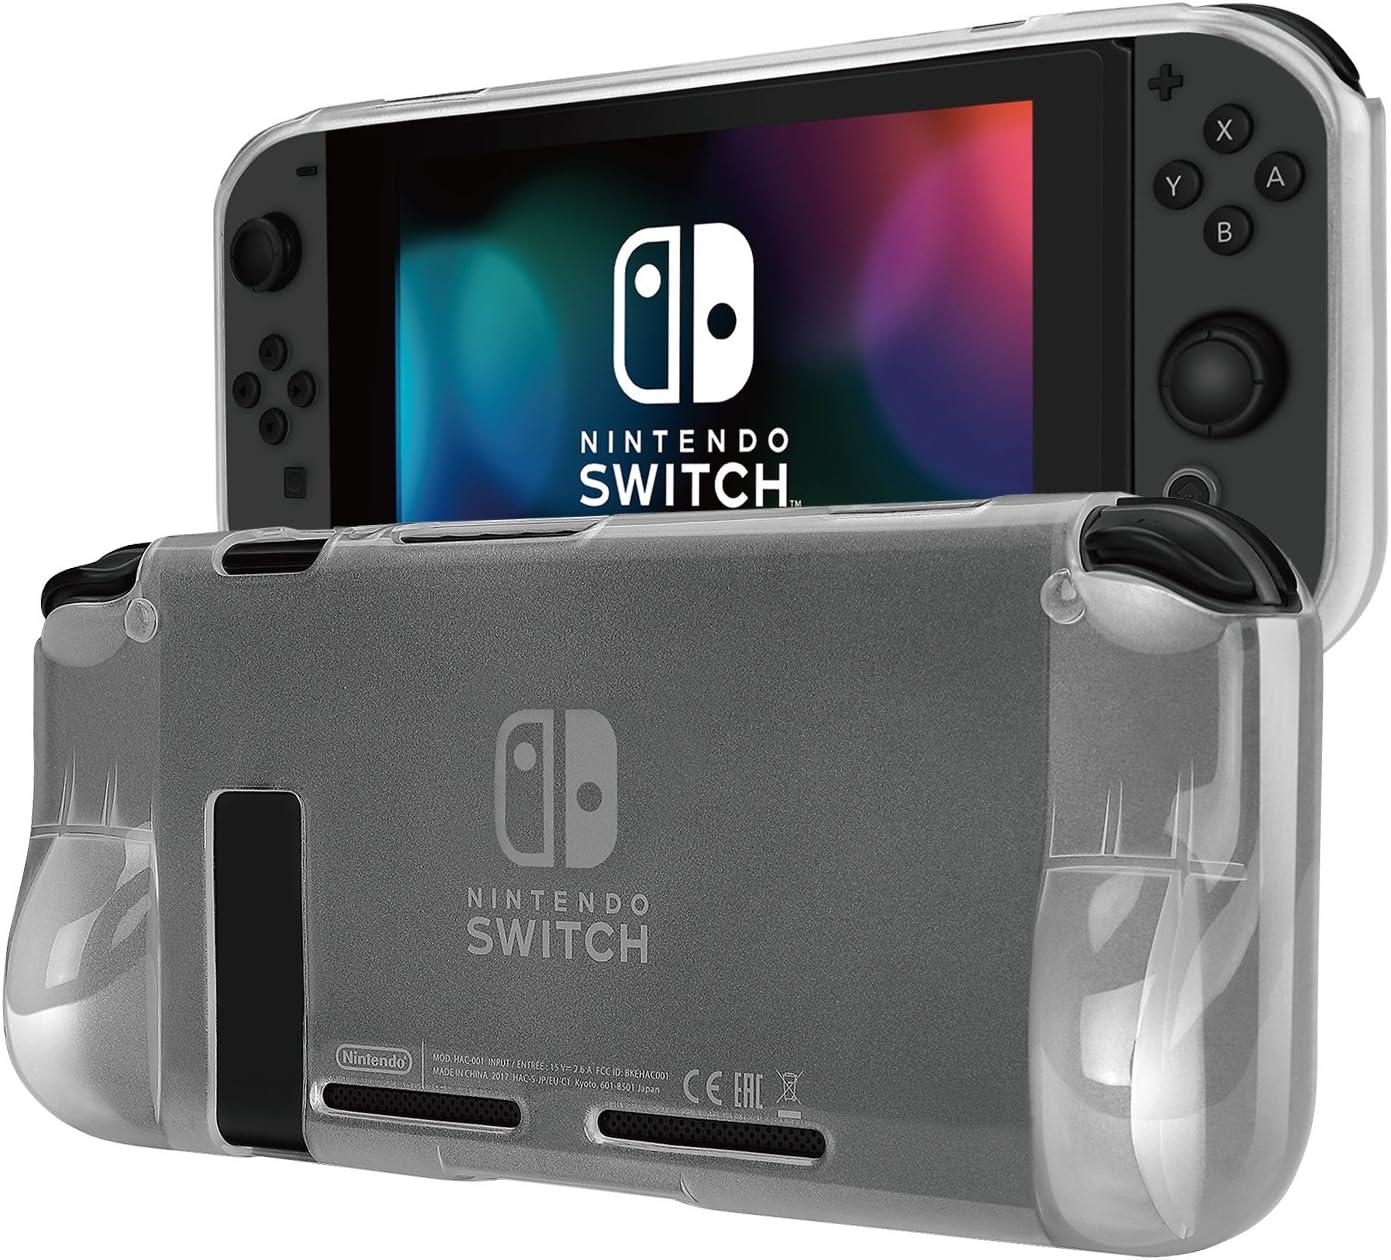 TNP Funda para Nintendo Switch Consola Mando Controlador Joy-con, Protector de Plástico TPU, Anti-Golpes y Anti-Arañazos, Cómodo Agarre, Accesorios para Nintendo Switch, Color Transparente: Amazon.es: Videojuegos